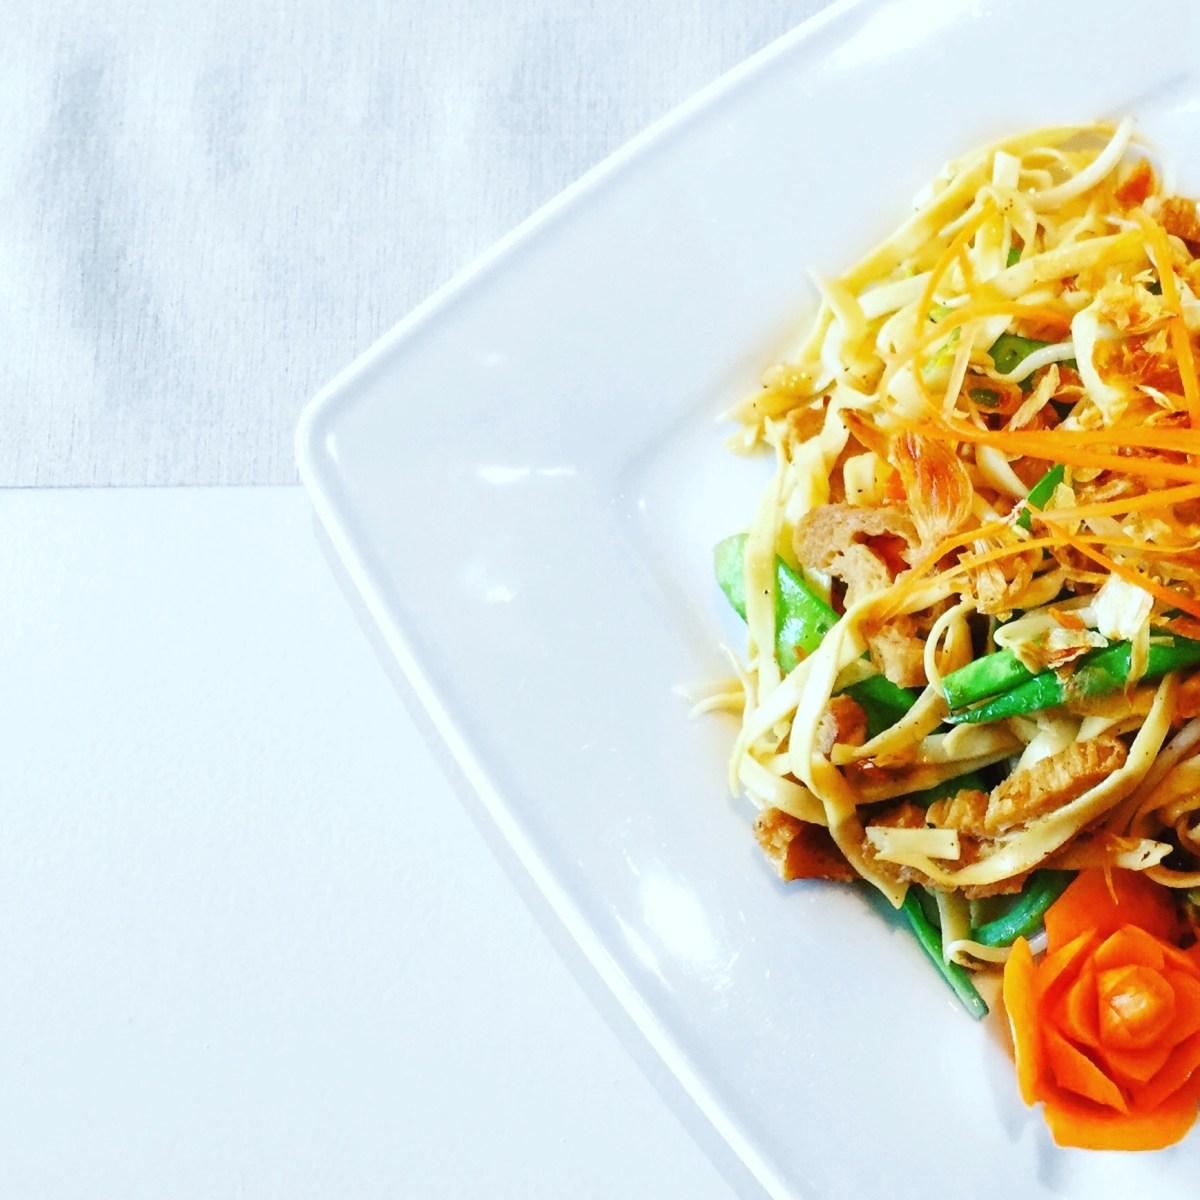 Vegan in Mnchen Vietnamesische Kche im AnSa  Vegantine